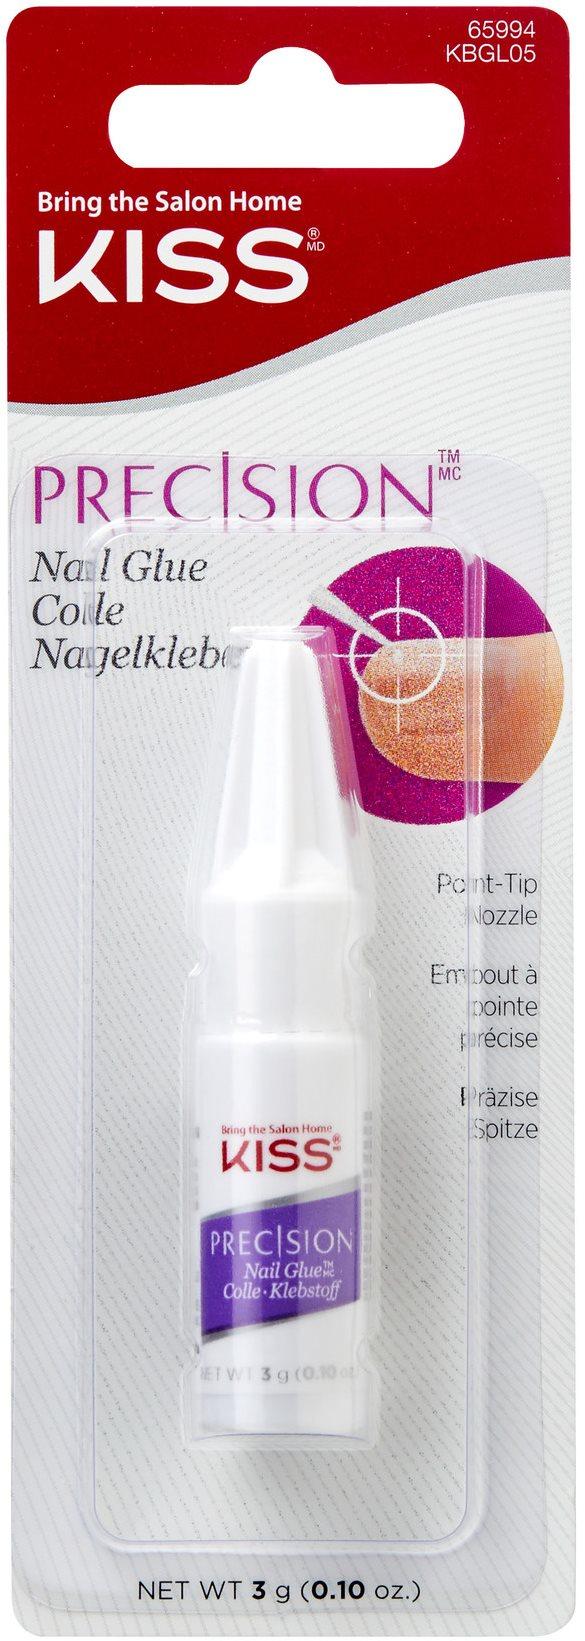 KISS Precision Nail Glue